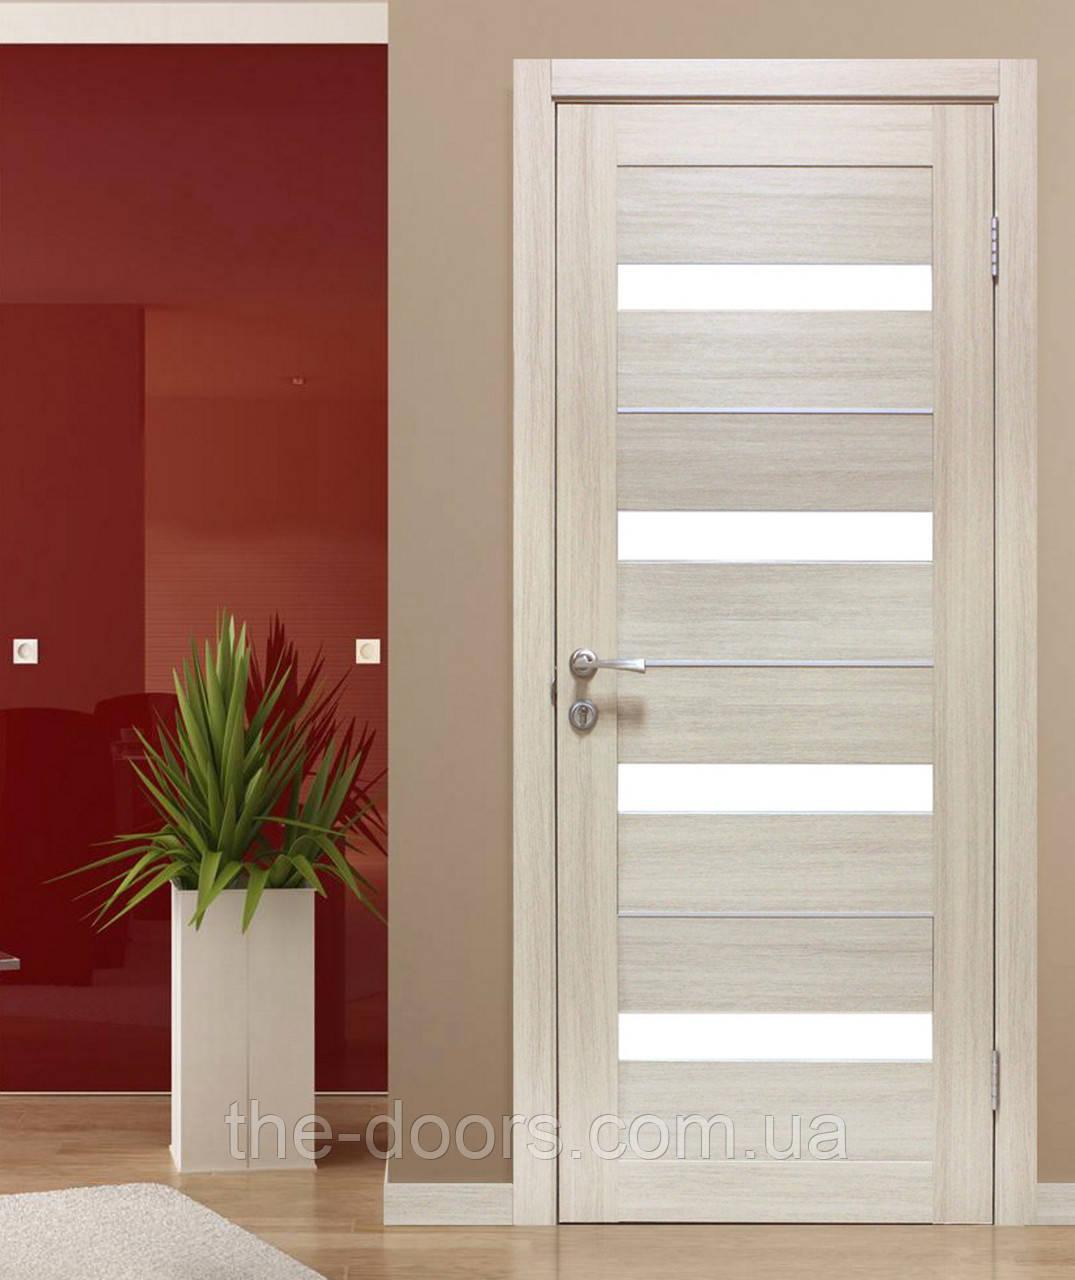 Двери ОМиС Милано стекло сатин с молдингом